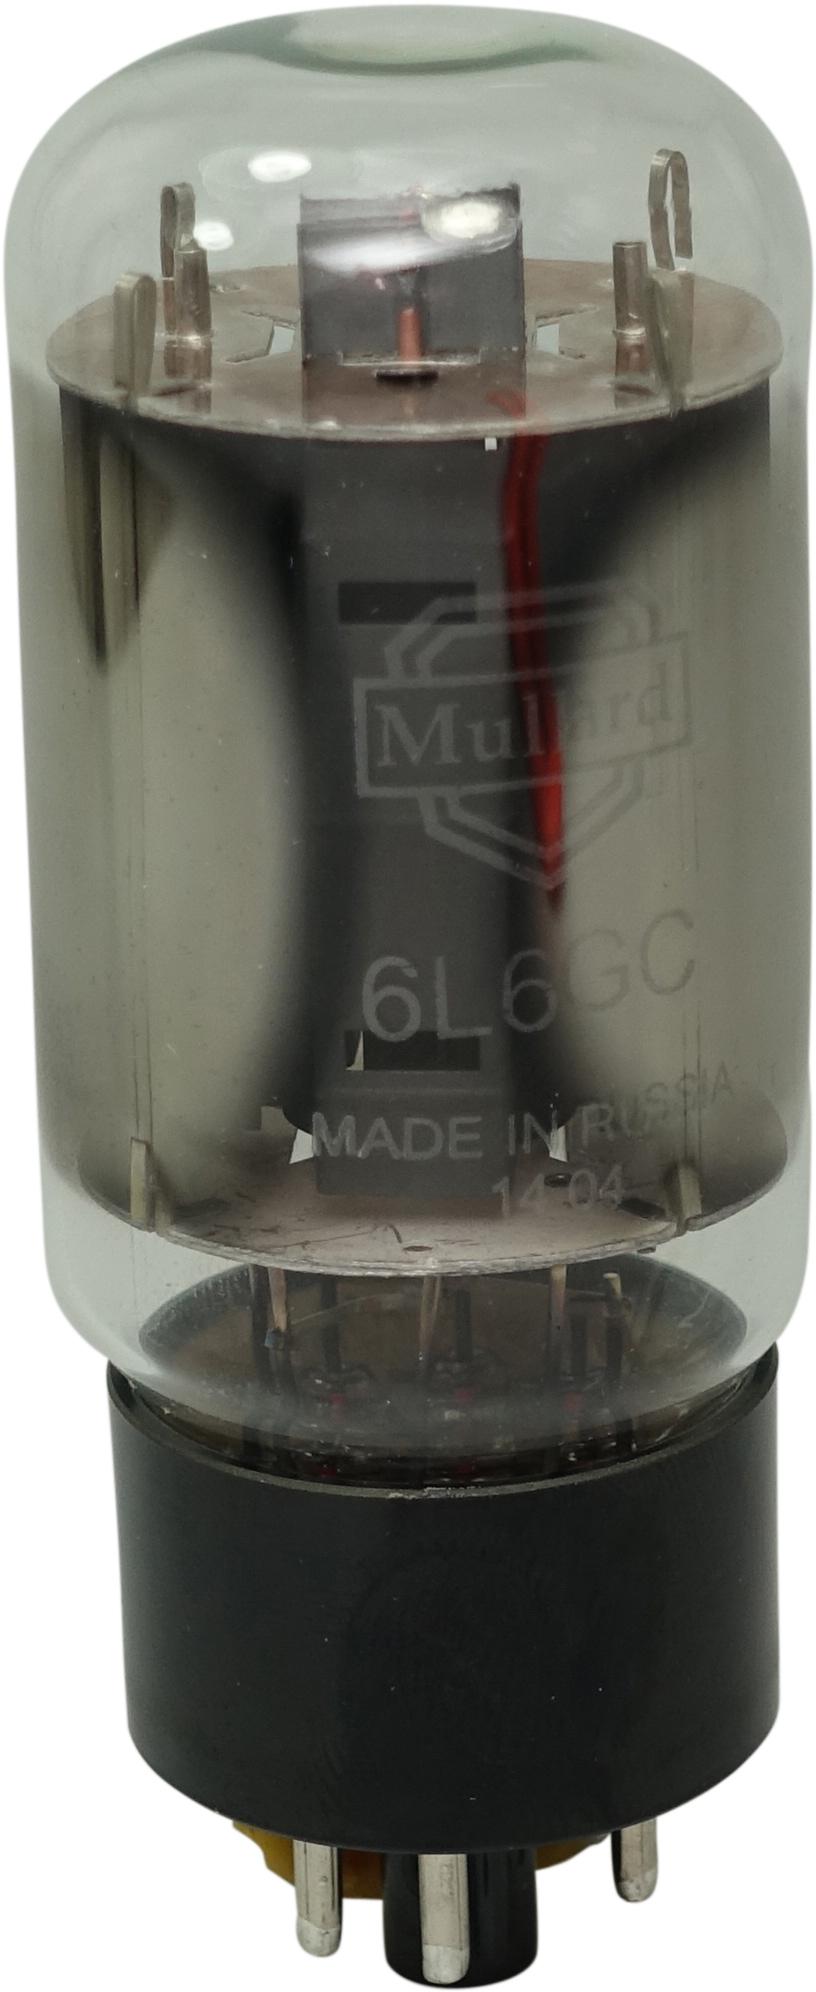 6L6GC Mullard